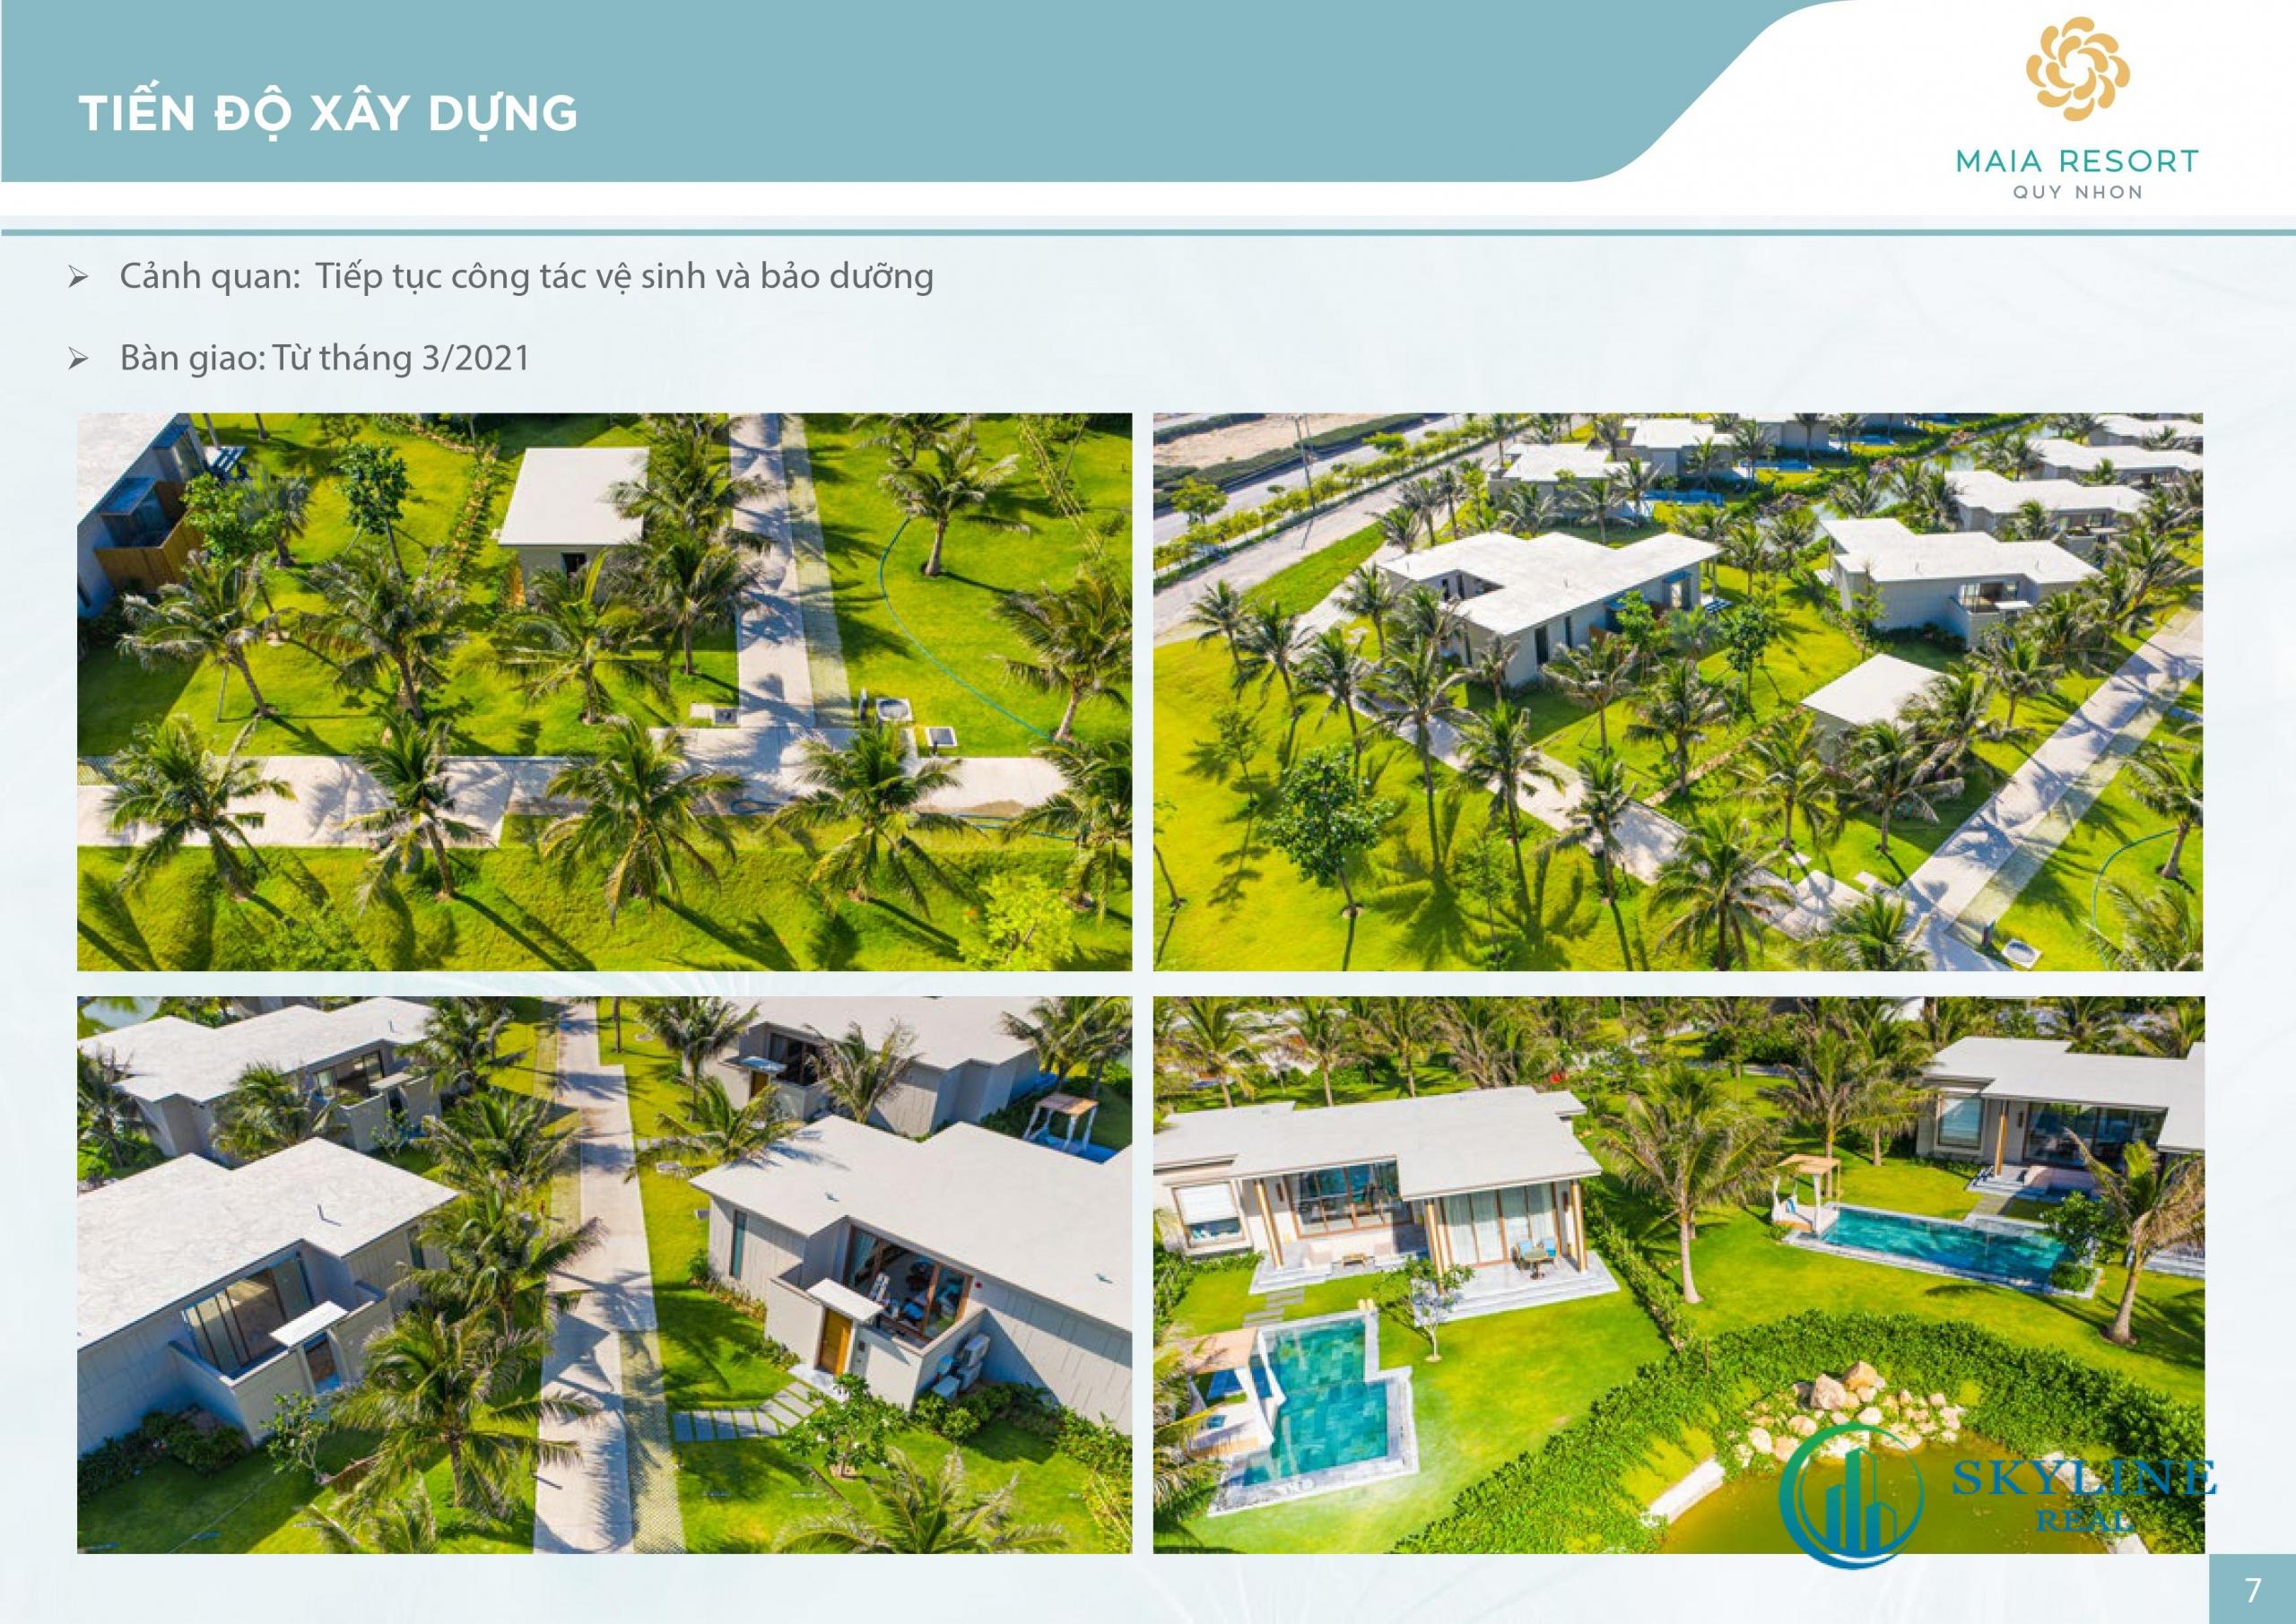 Tiến độ dự án Maia Resort